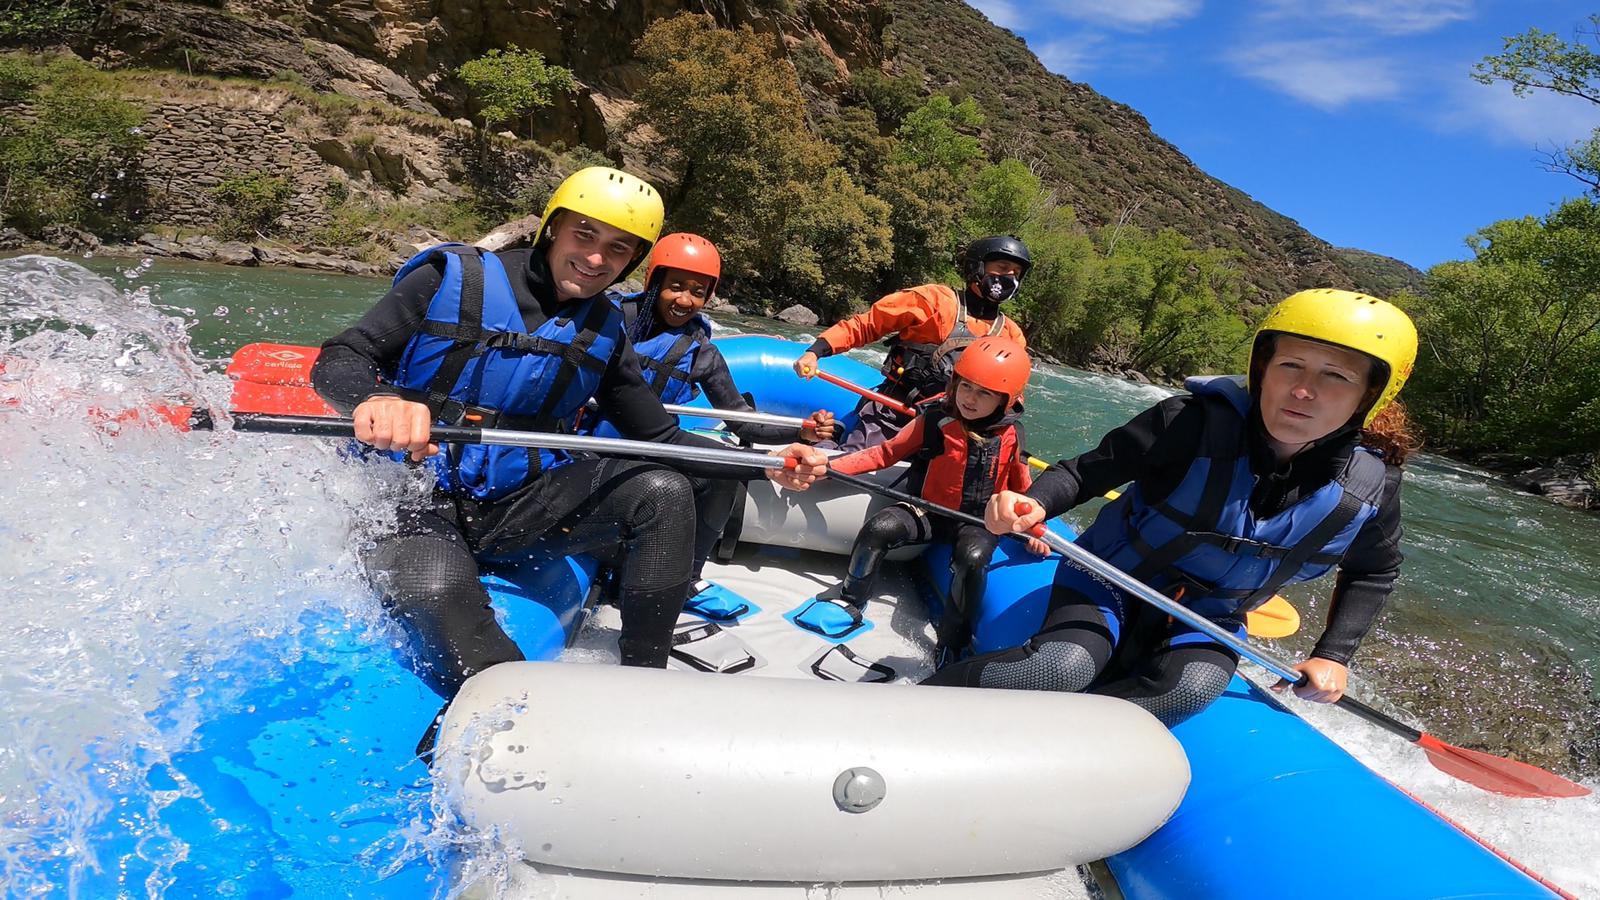 La periodista Vanessa Olmos practicant el rafting i activitats diverses al riu Noguera Pallaresa ahir a la tarda